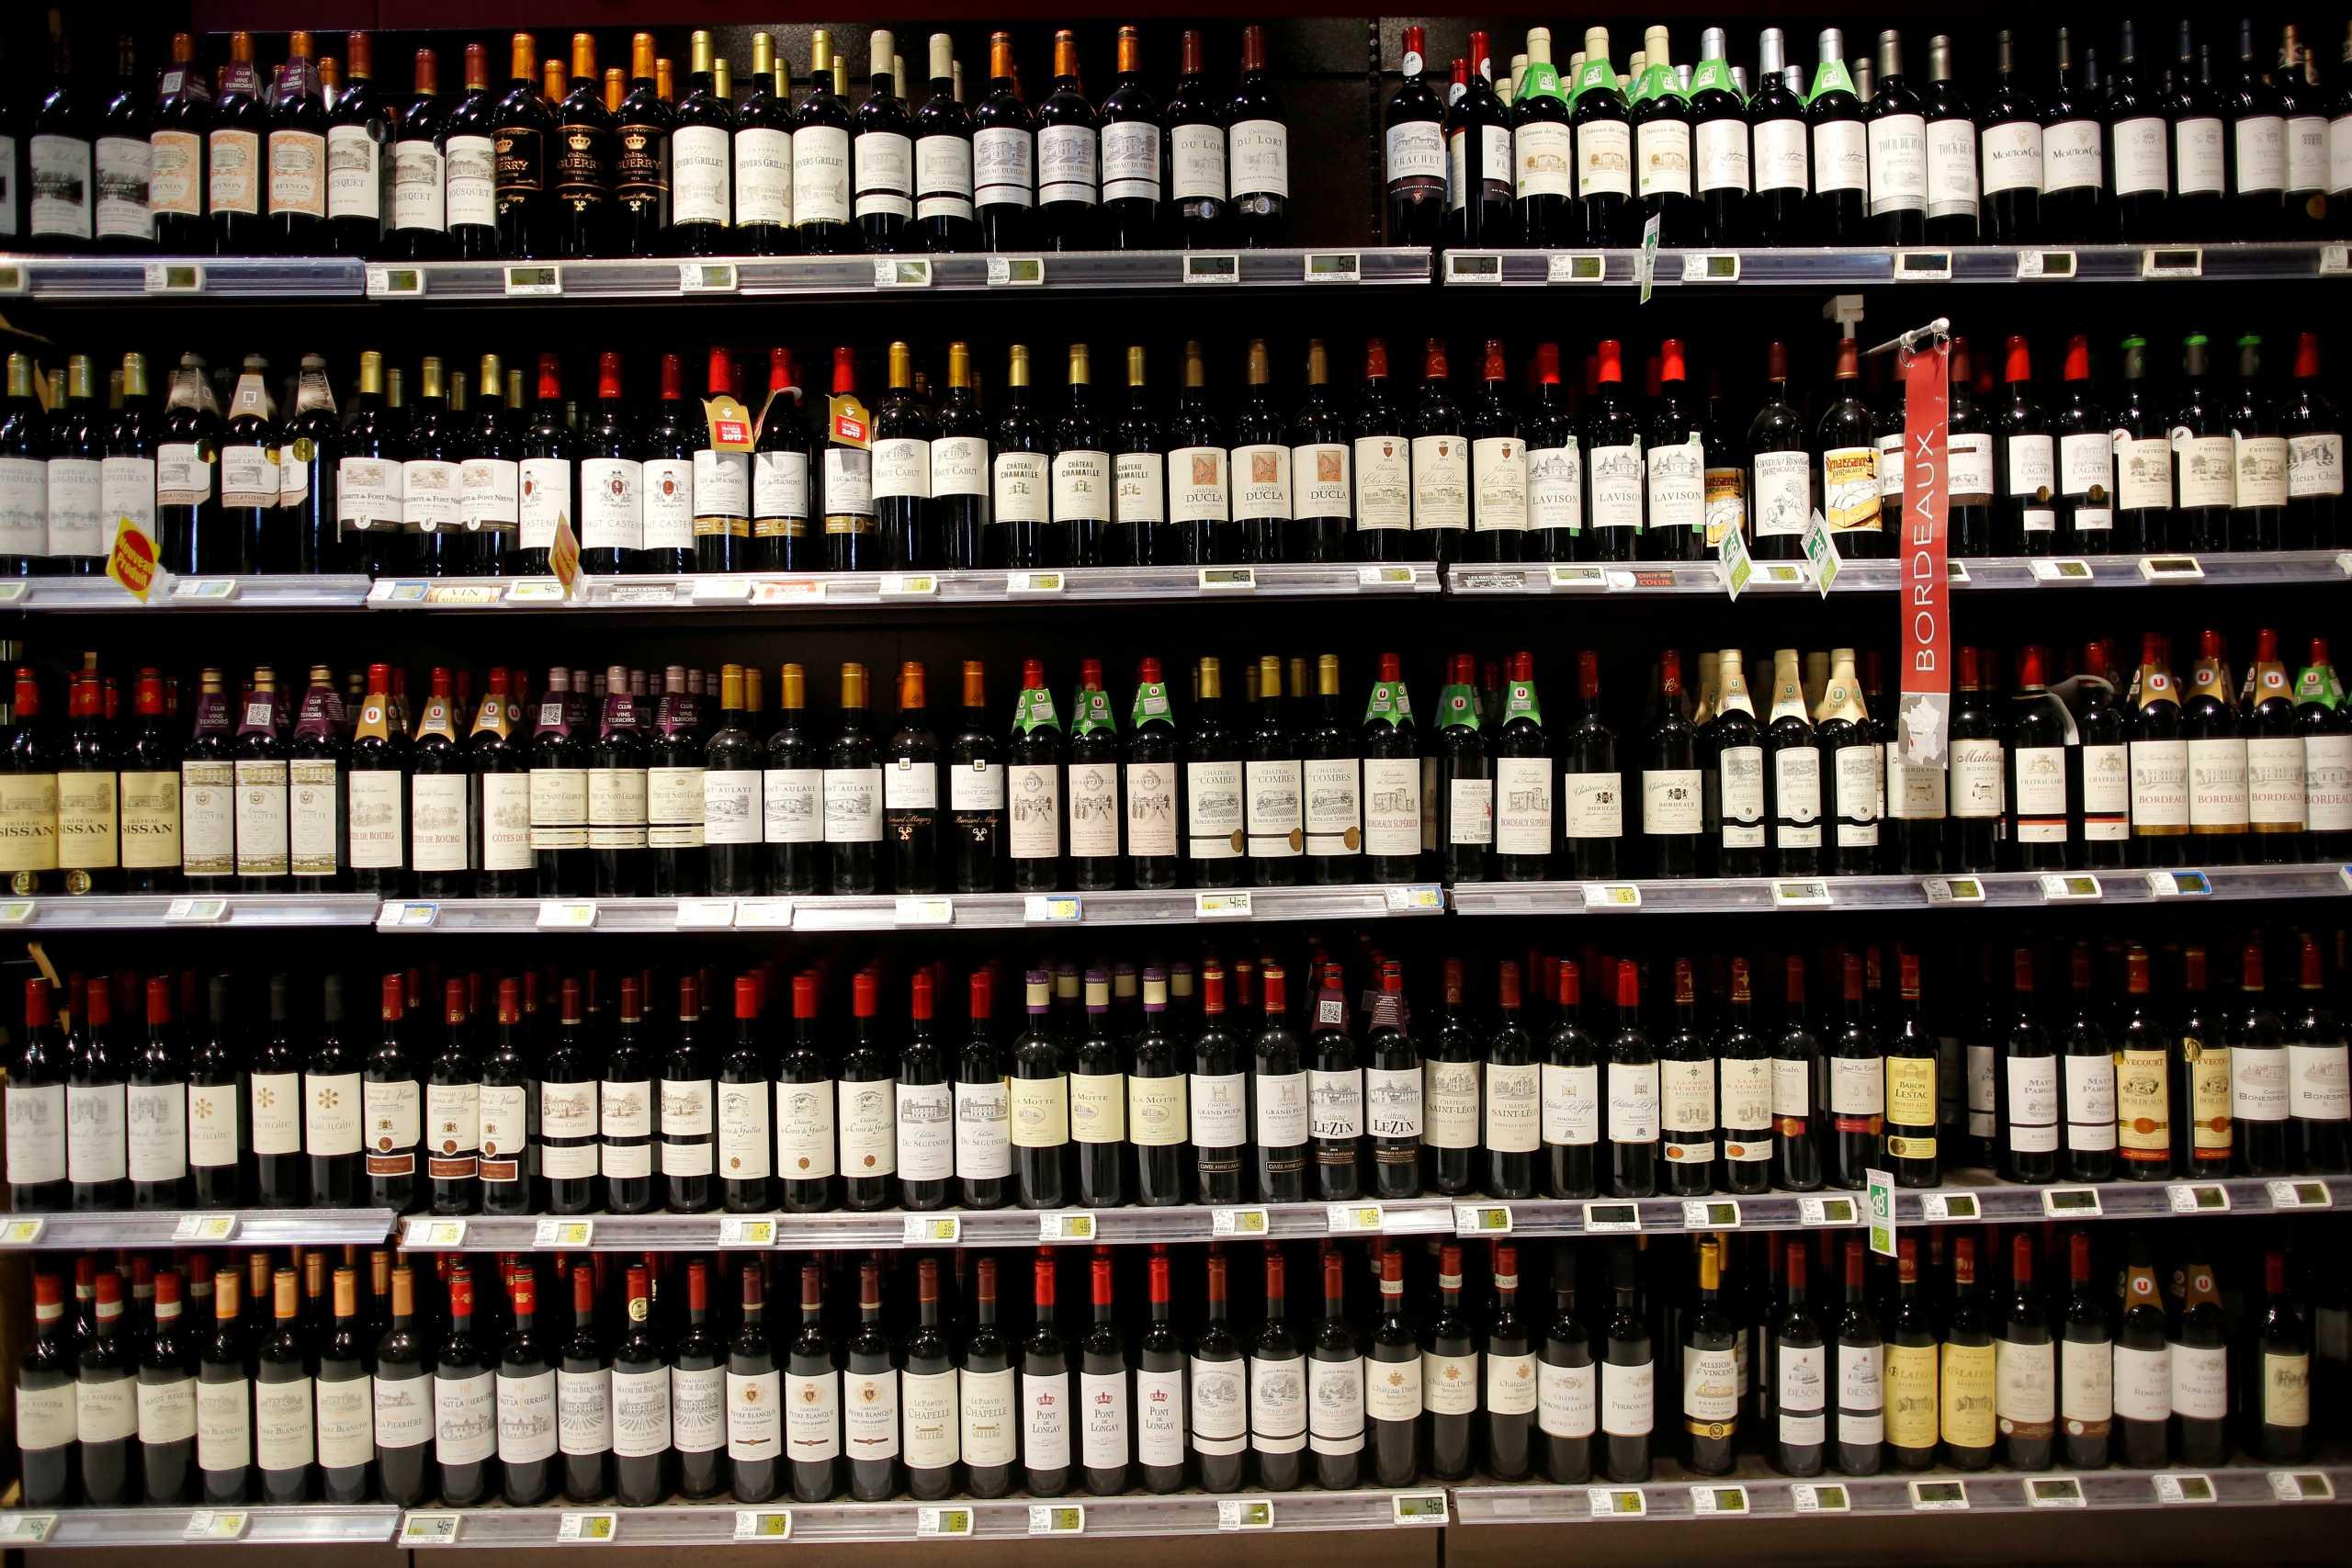 Γαλλία: Σε ιστορικό χαμηλό η παραγωγή κρασιού φέτος- Αναμένεται μείωση 29%